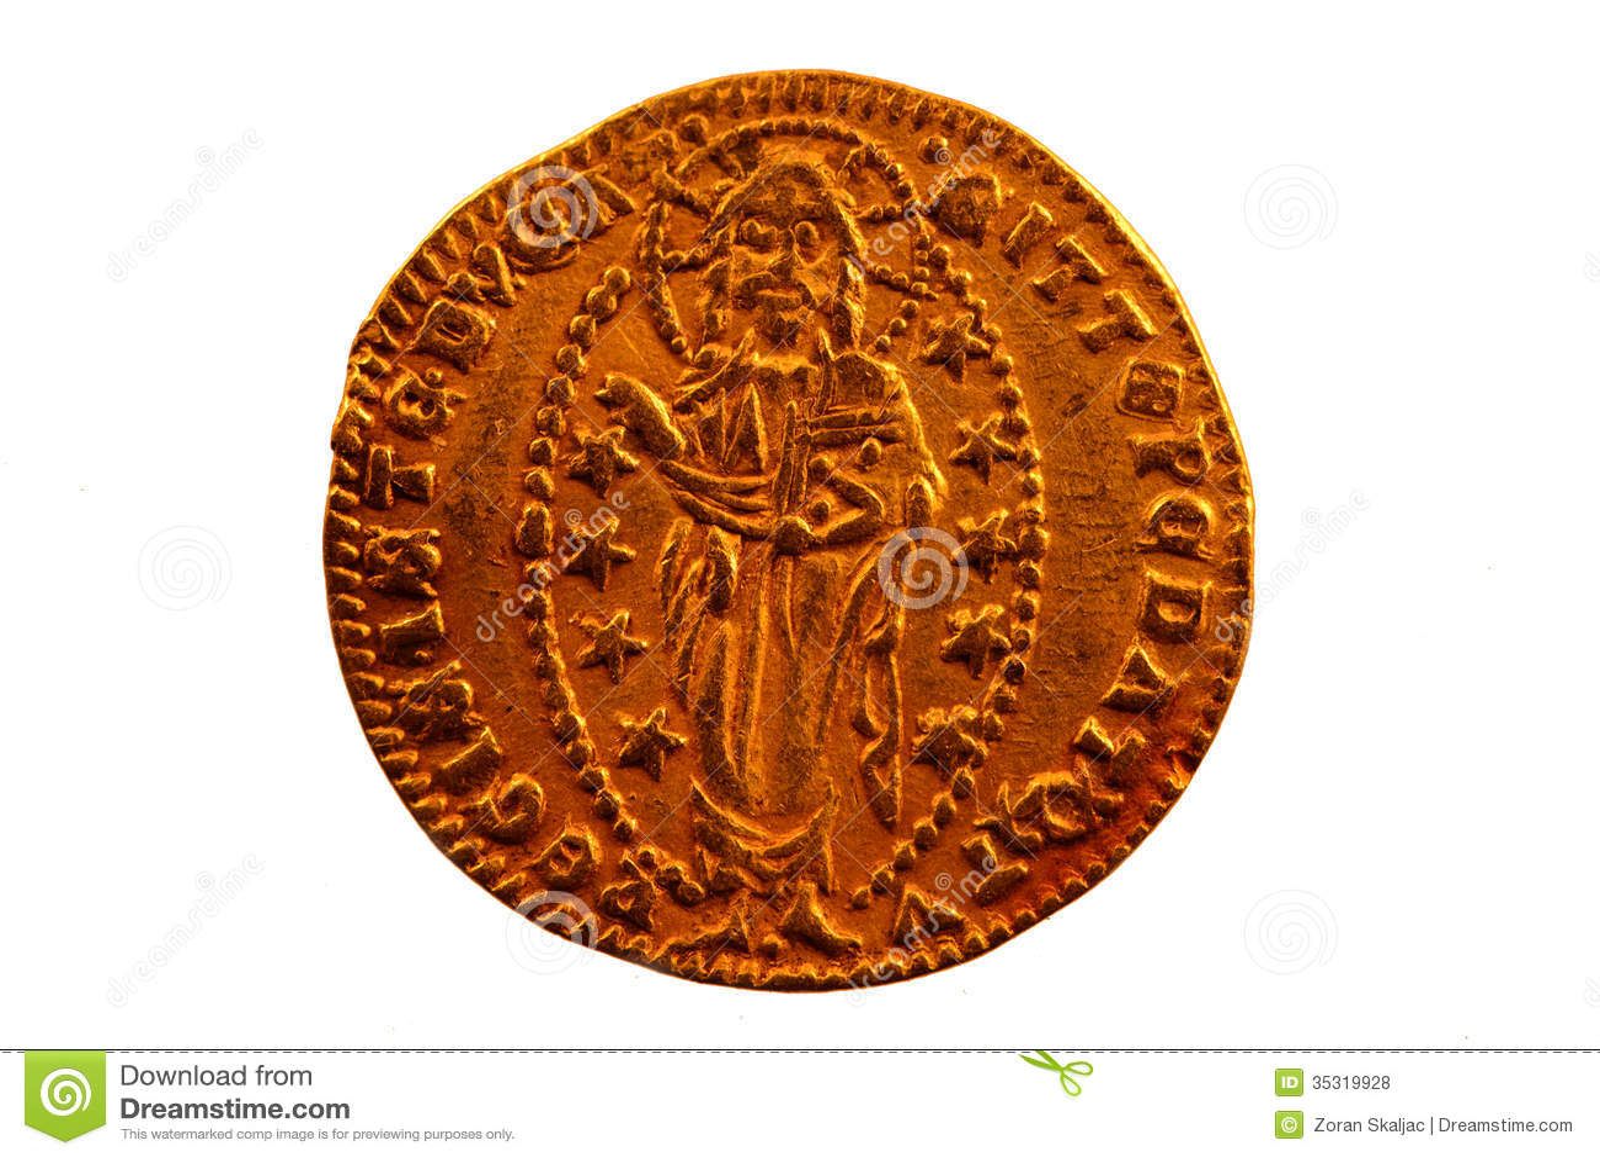 Sequin - Zecchino - A Gold coin of Venice